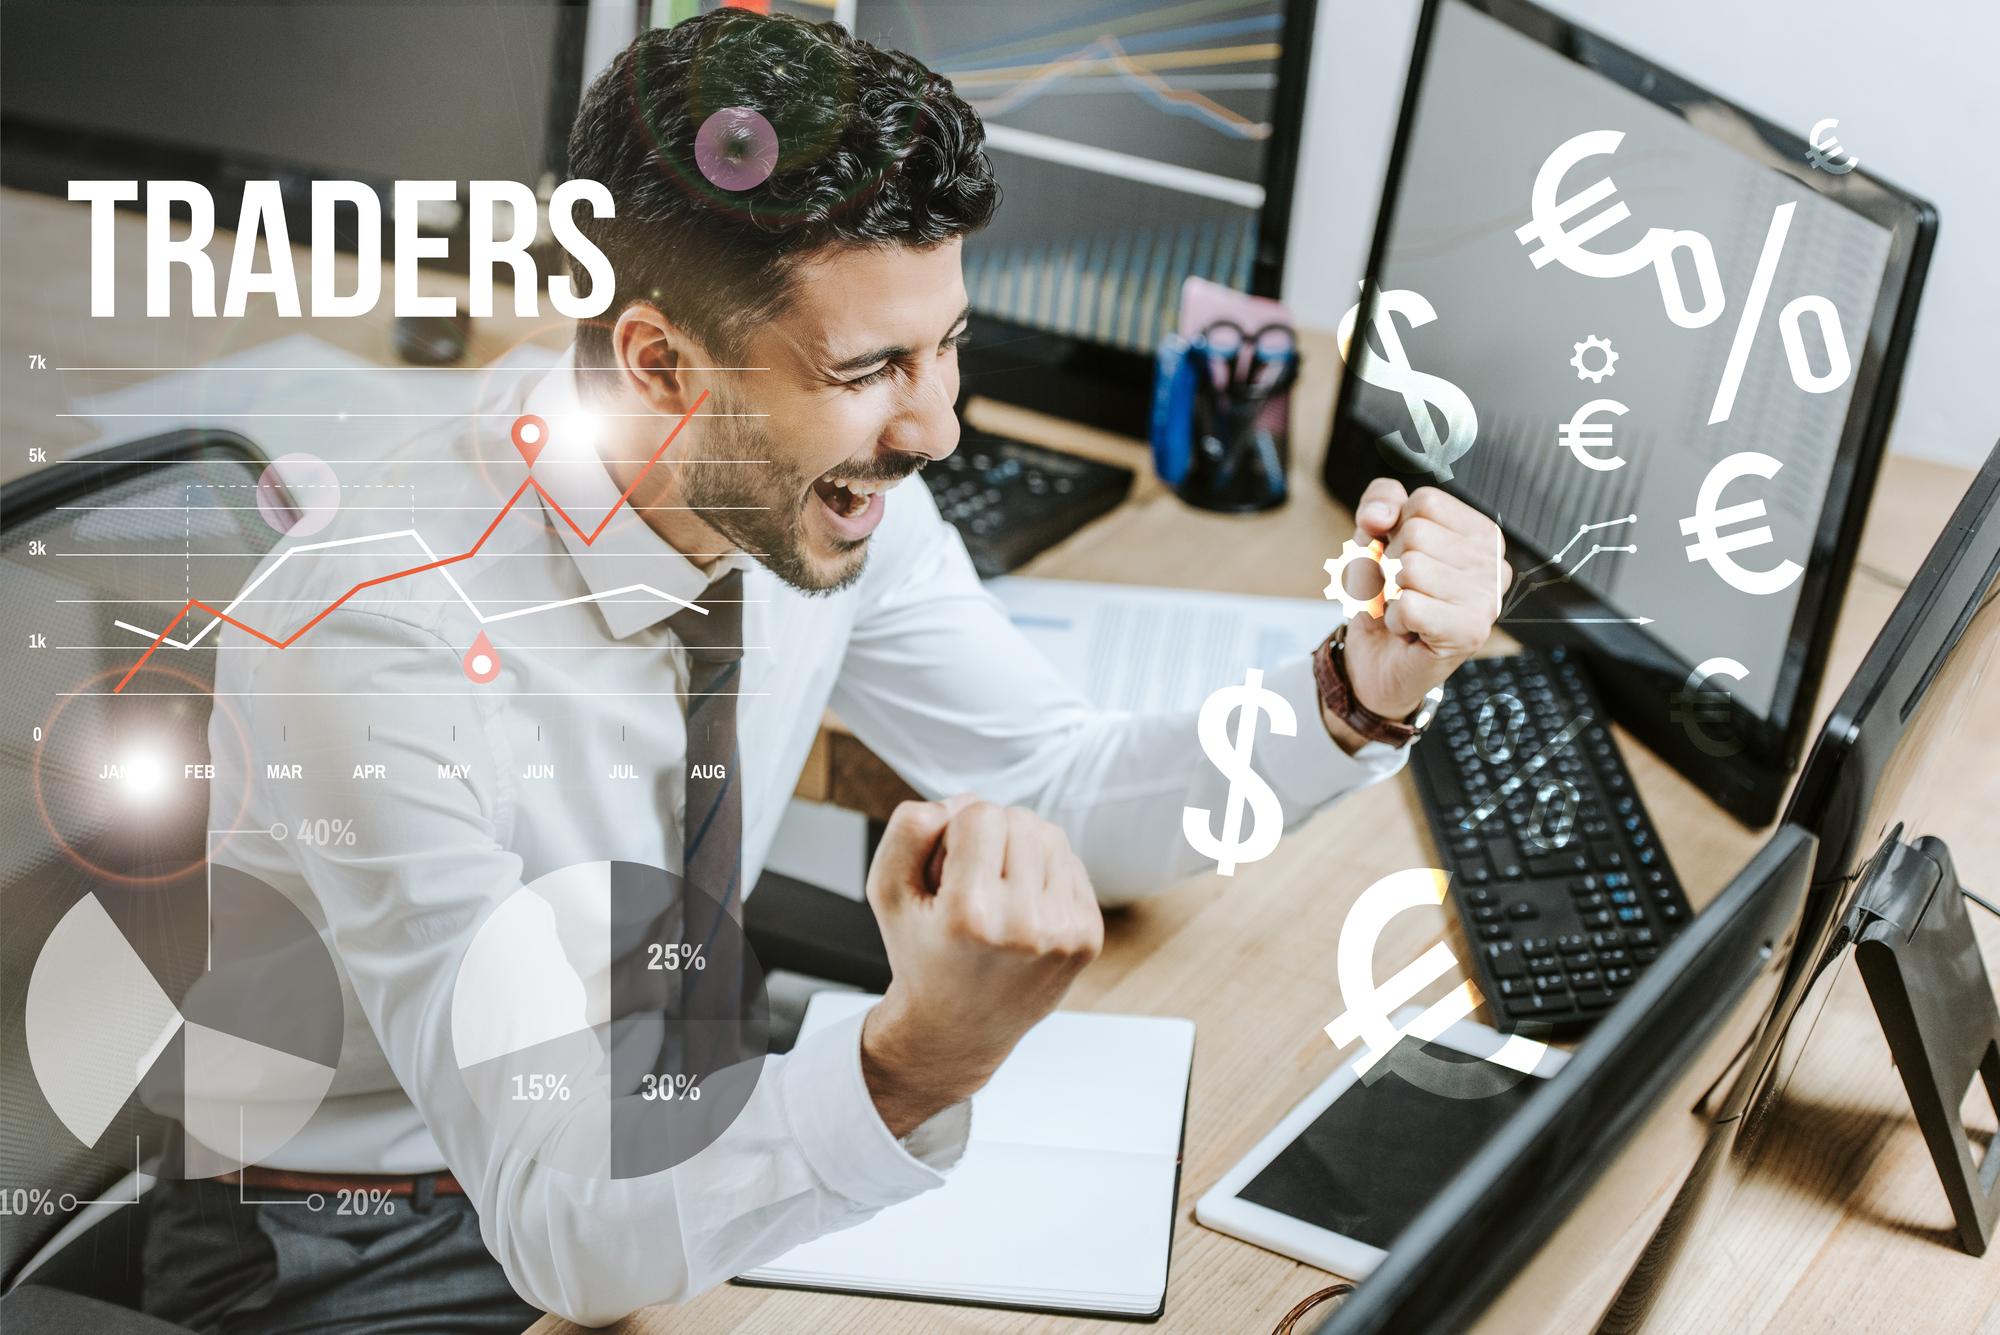 معامله گر های تازه کار این نکات را باید بدانند - بخش دوم